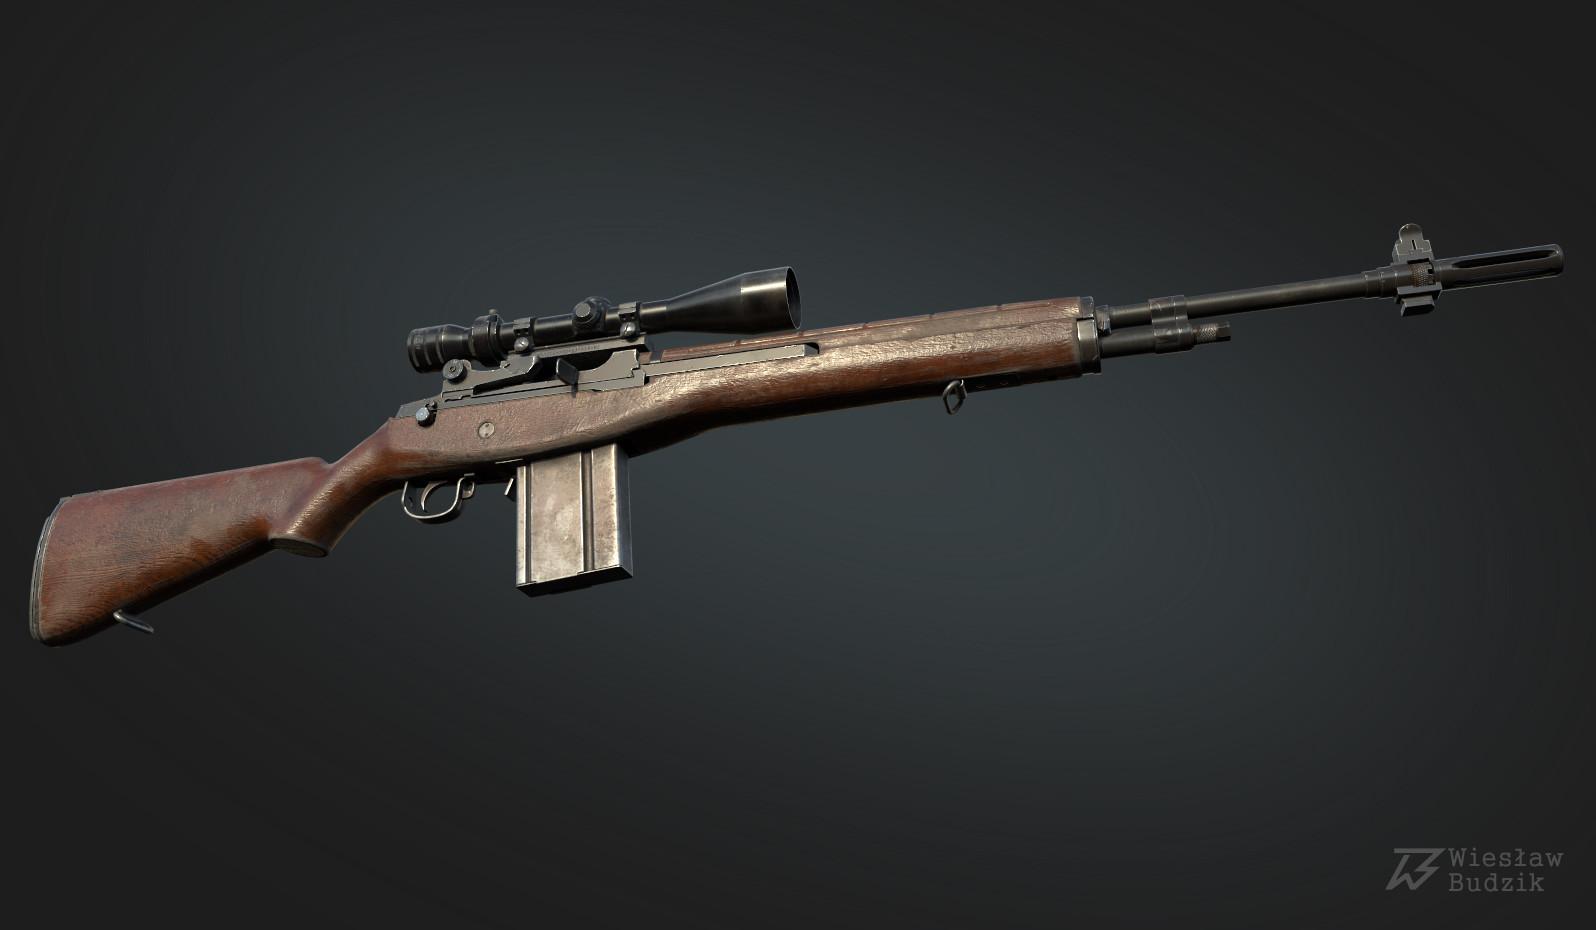 Wieslaw budzik m21 03